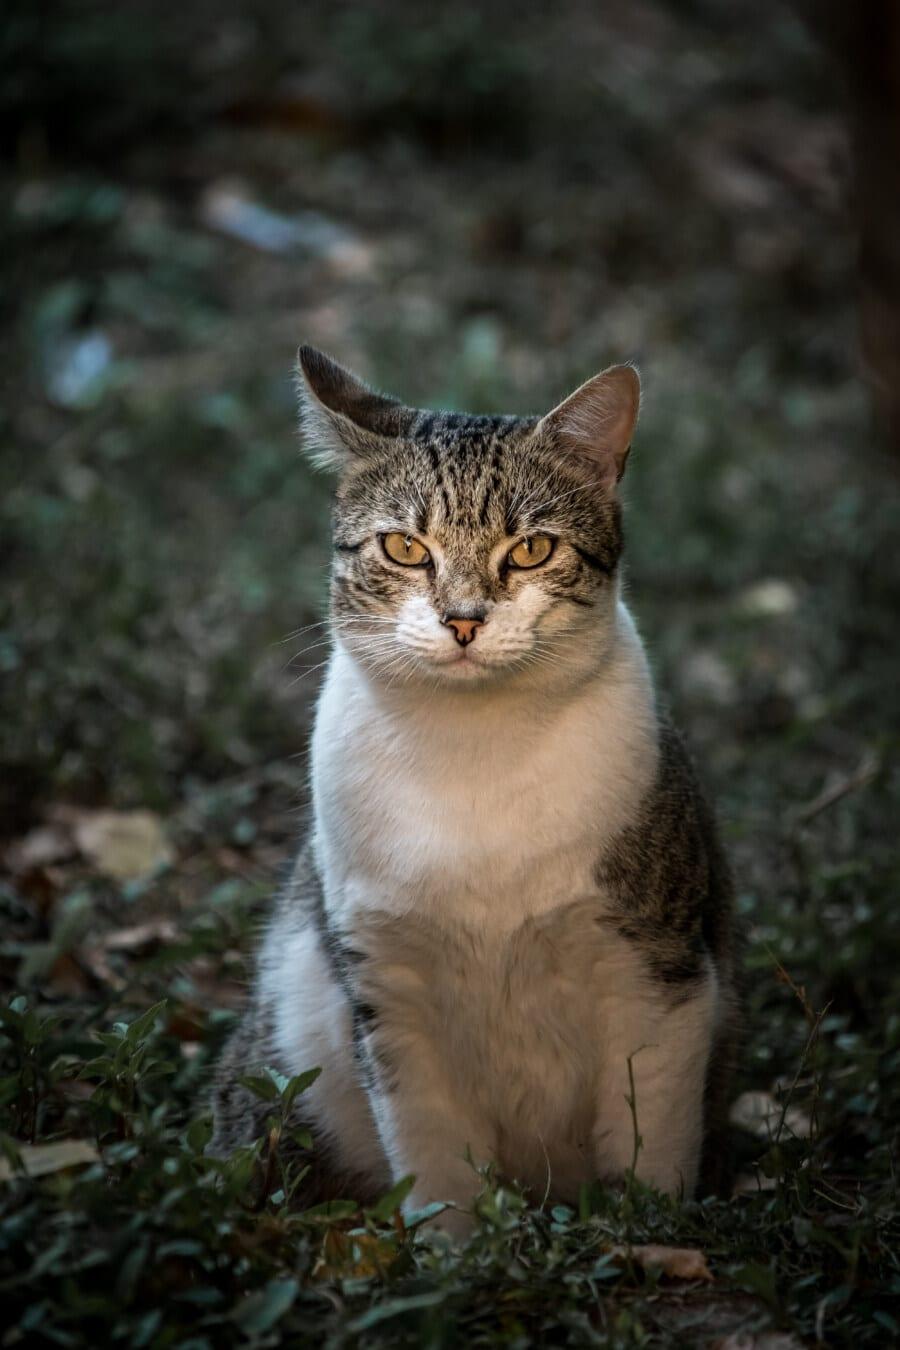 Reifen, liebenswert, Hauskatze, sitzen, Gras, Babyschuhe, gestreifte Katze, katzenartig, Whiskers, Pelz